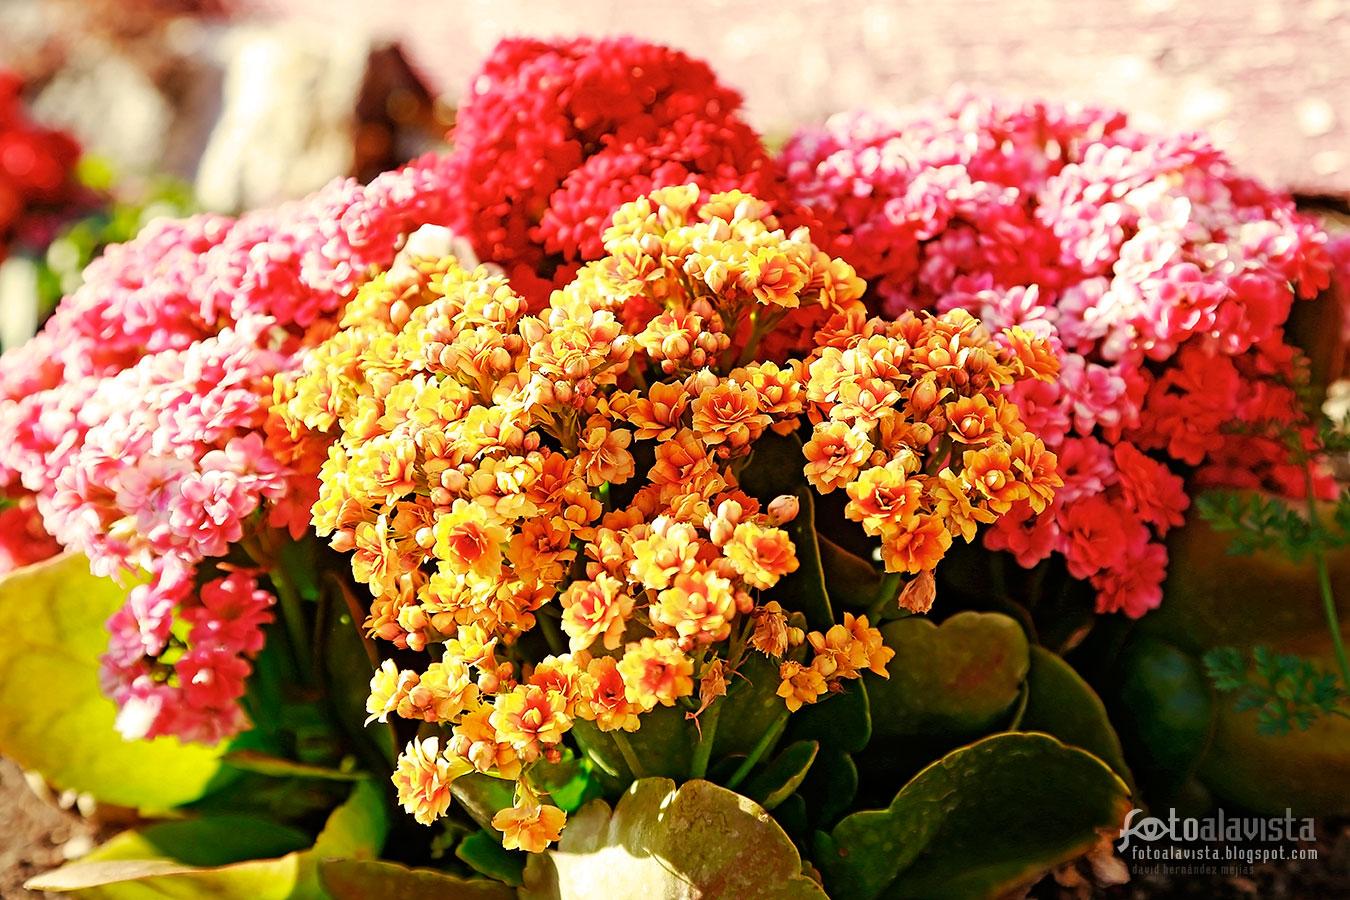 Pequeñímas flores amarillas y rojas - Fotografía